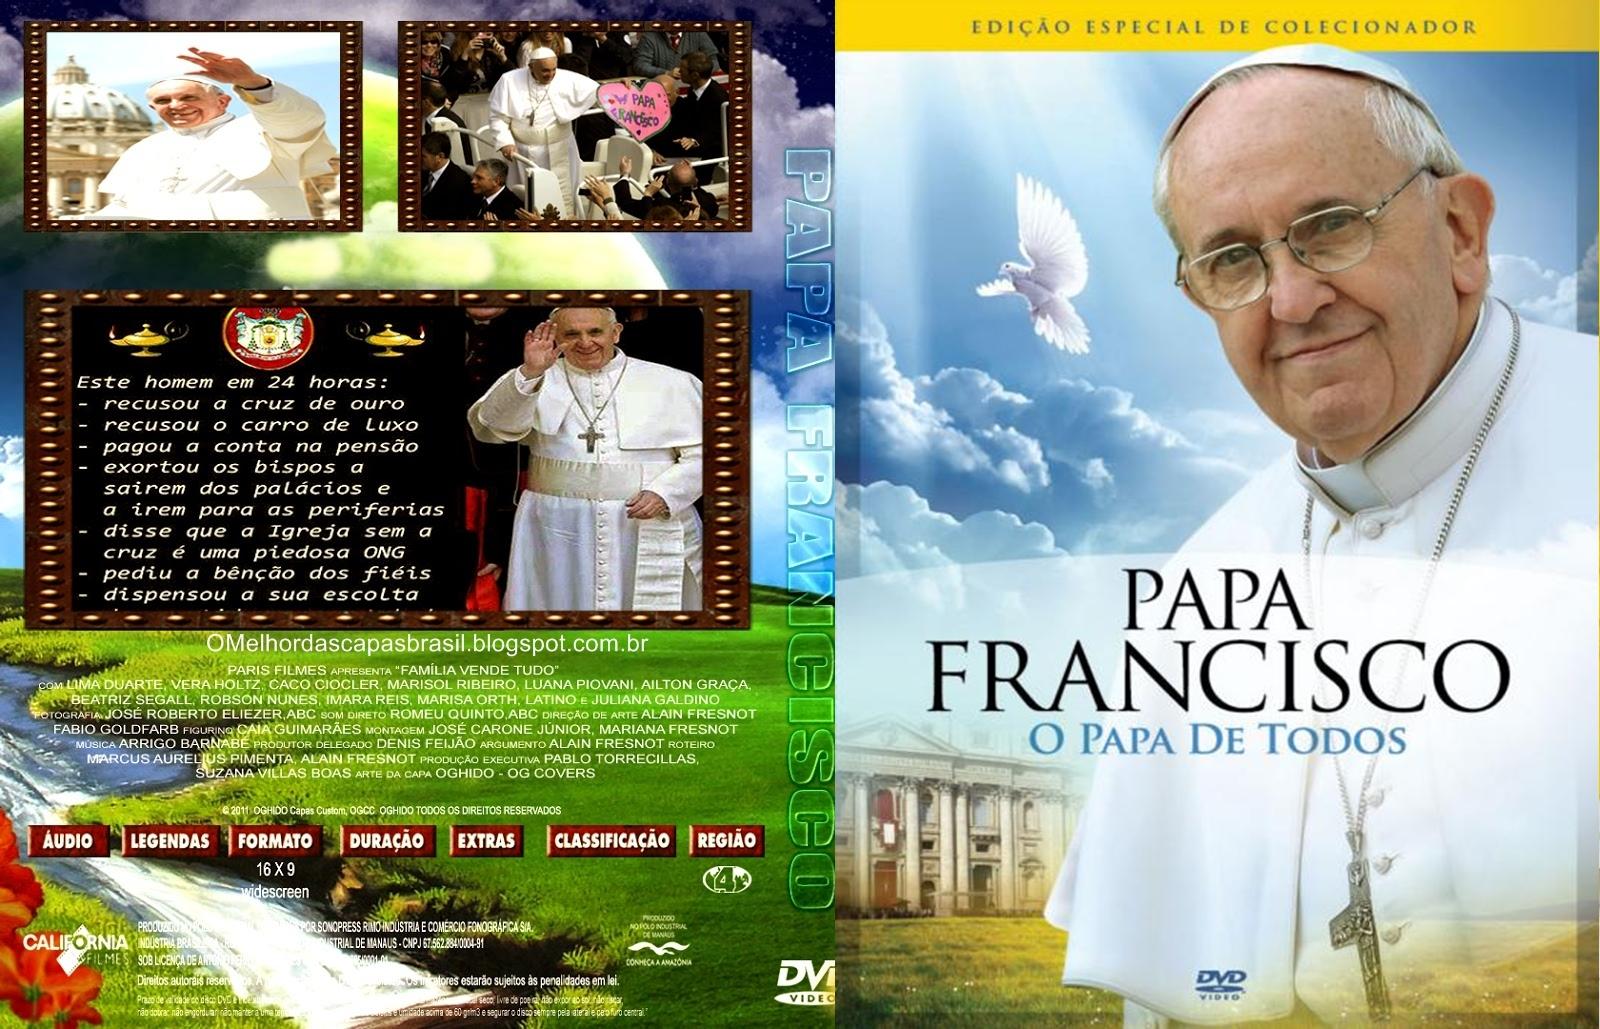 Papa Francisco O Papa de Todos DVDRip XviD Dublado Papa Francisco  E2 80 93 O Papa de Todos 2